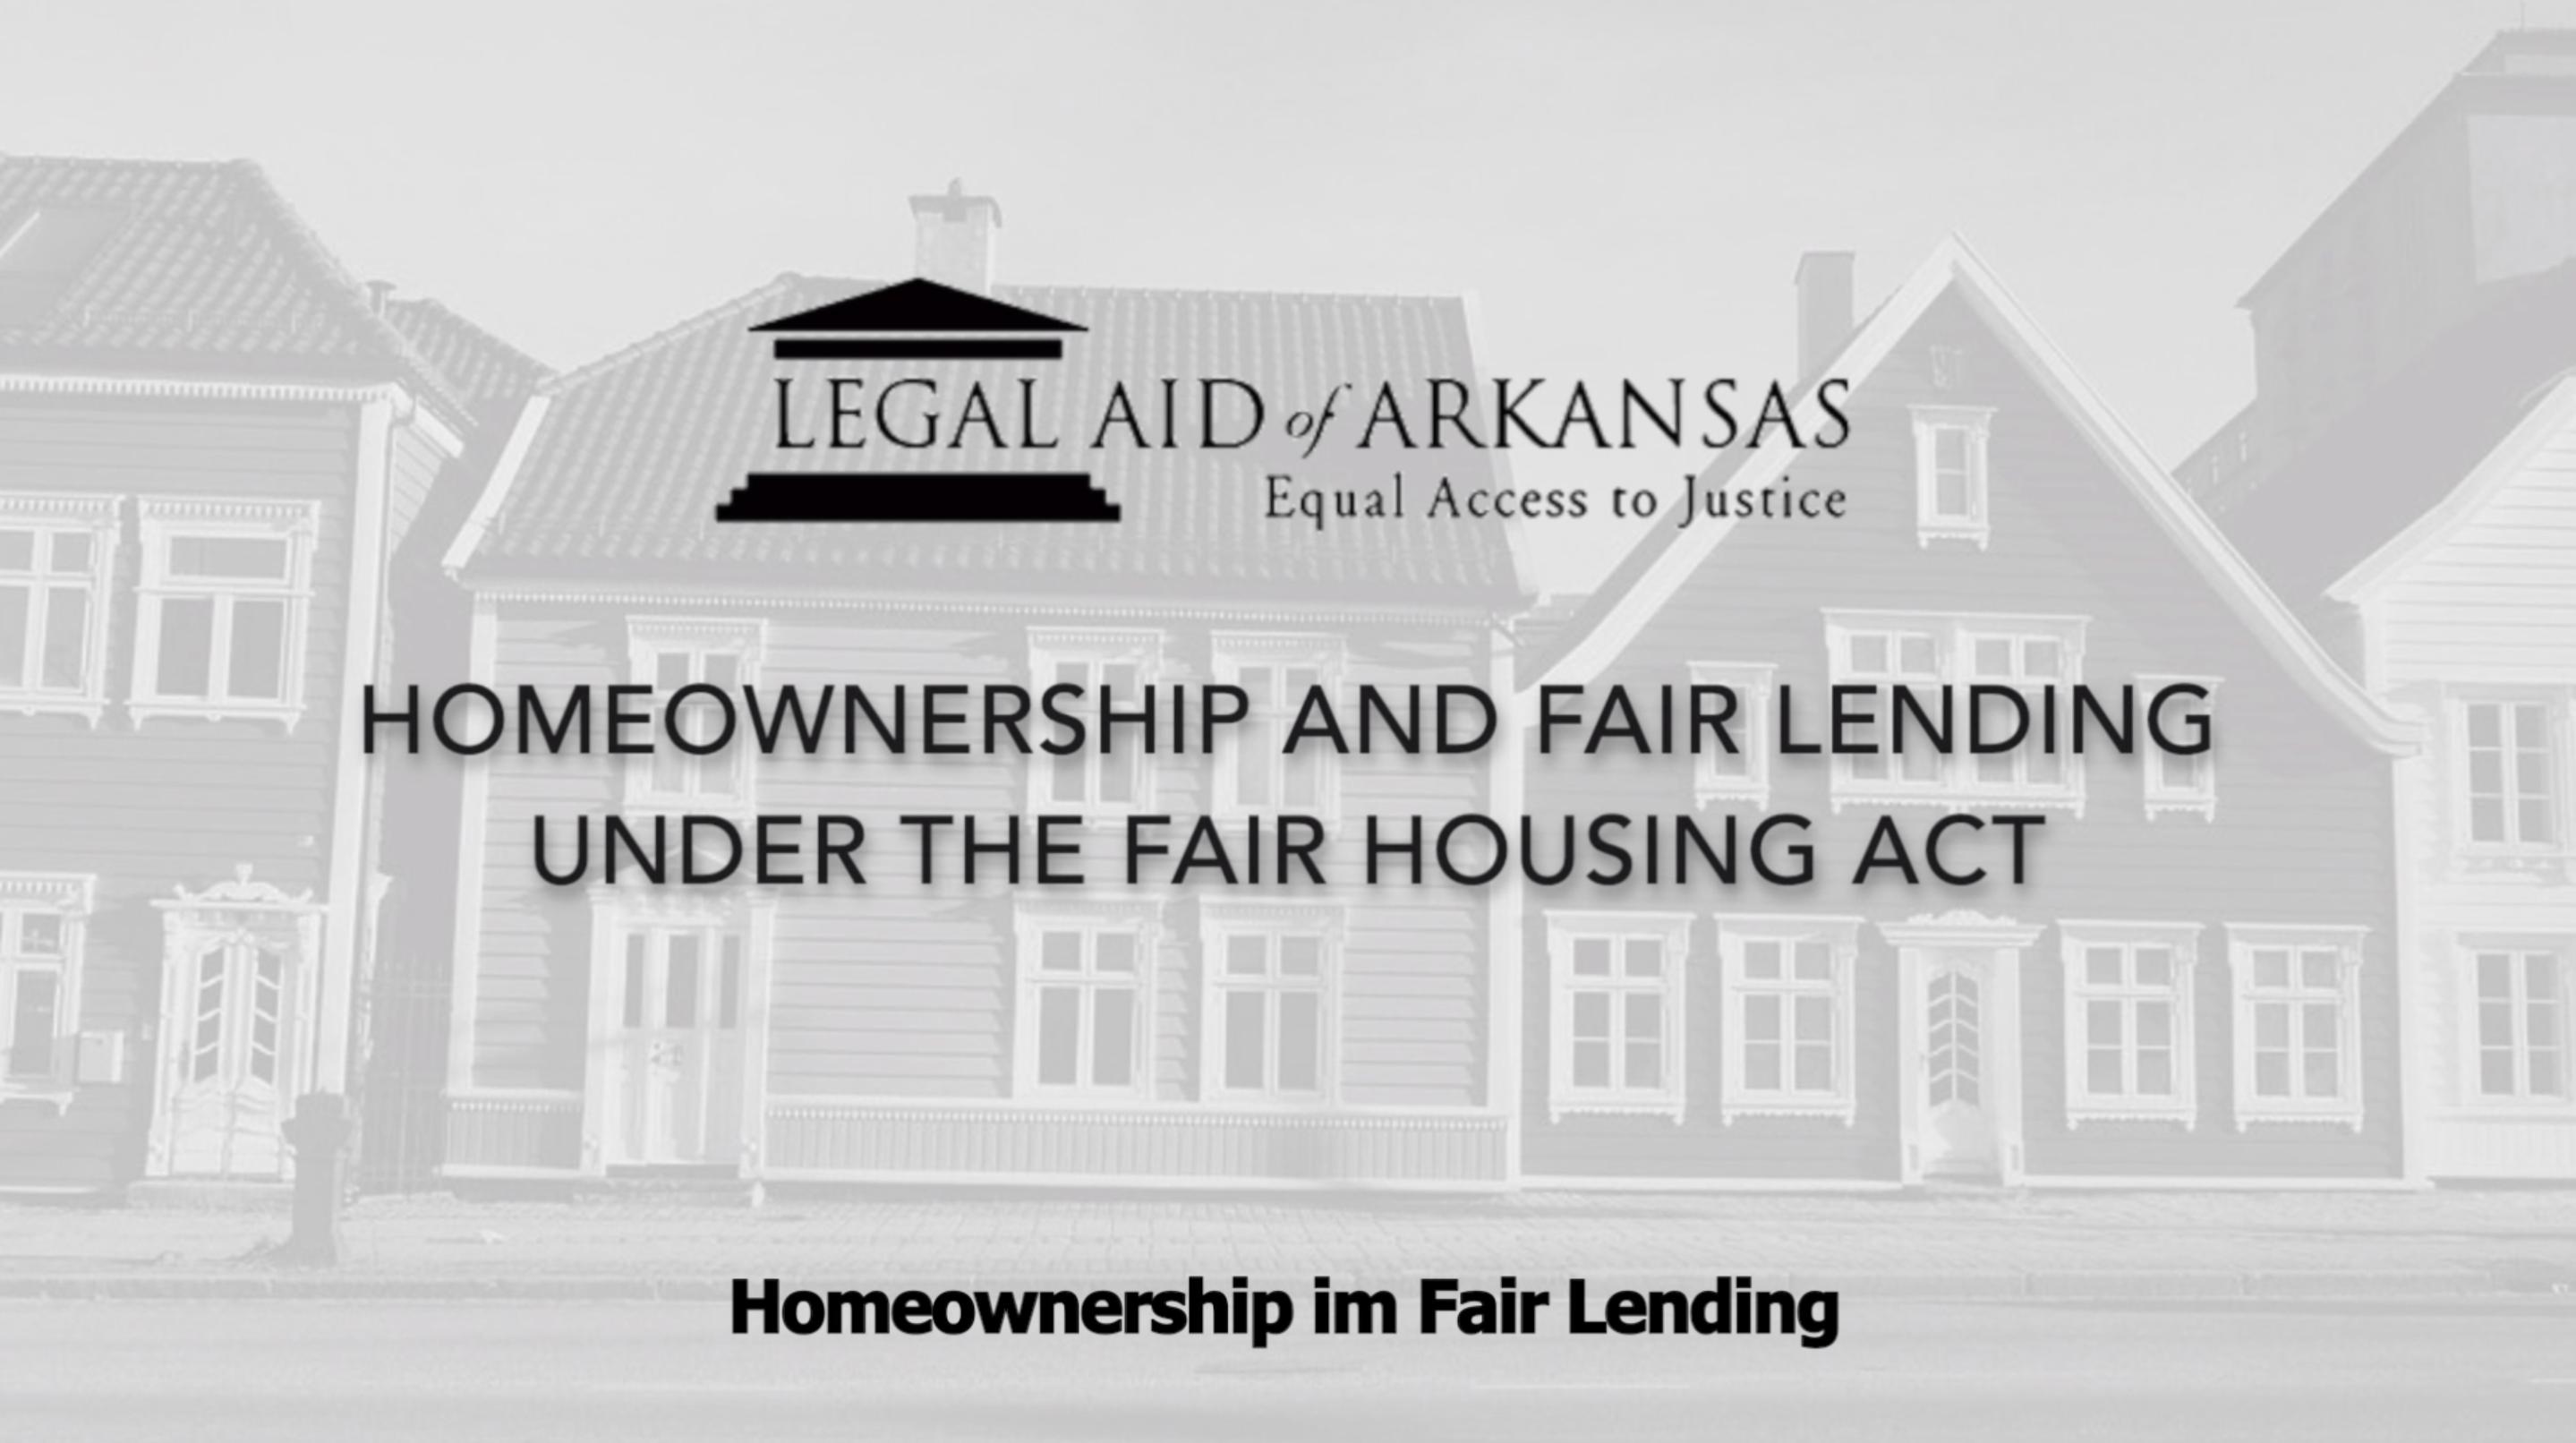 VIDEO - Owner an em ko im riwia kake umwin Fair Housing Act